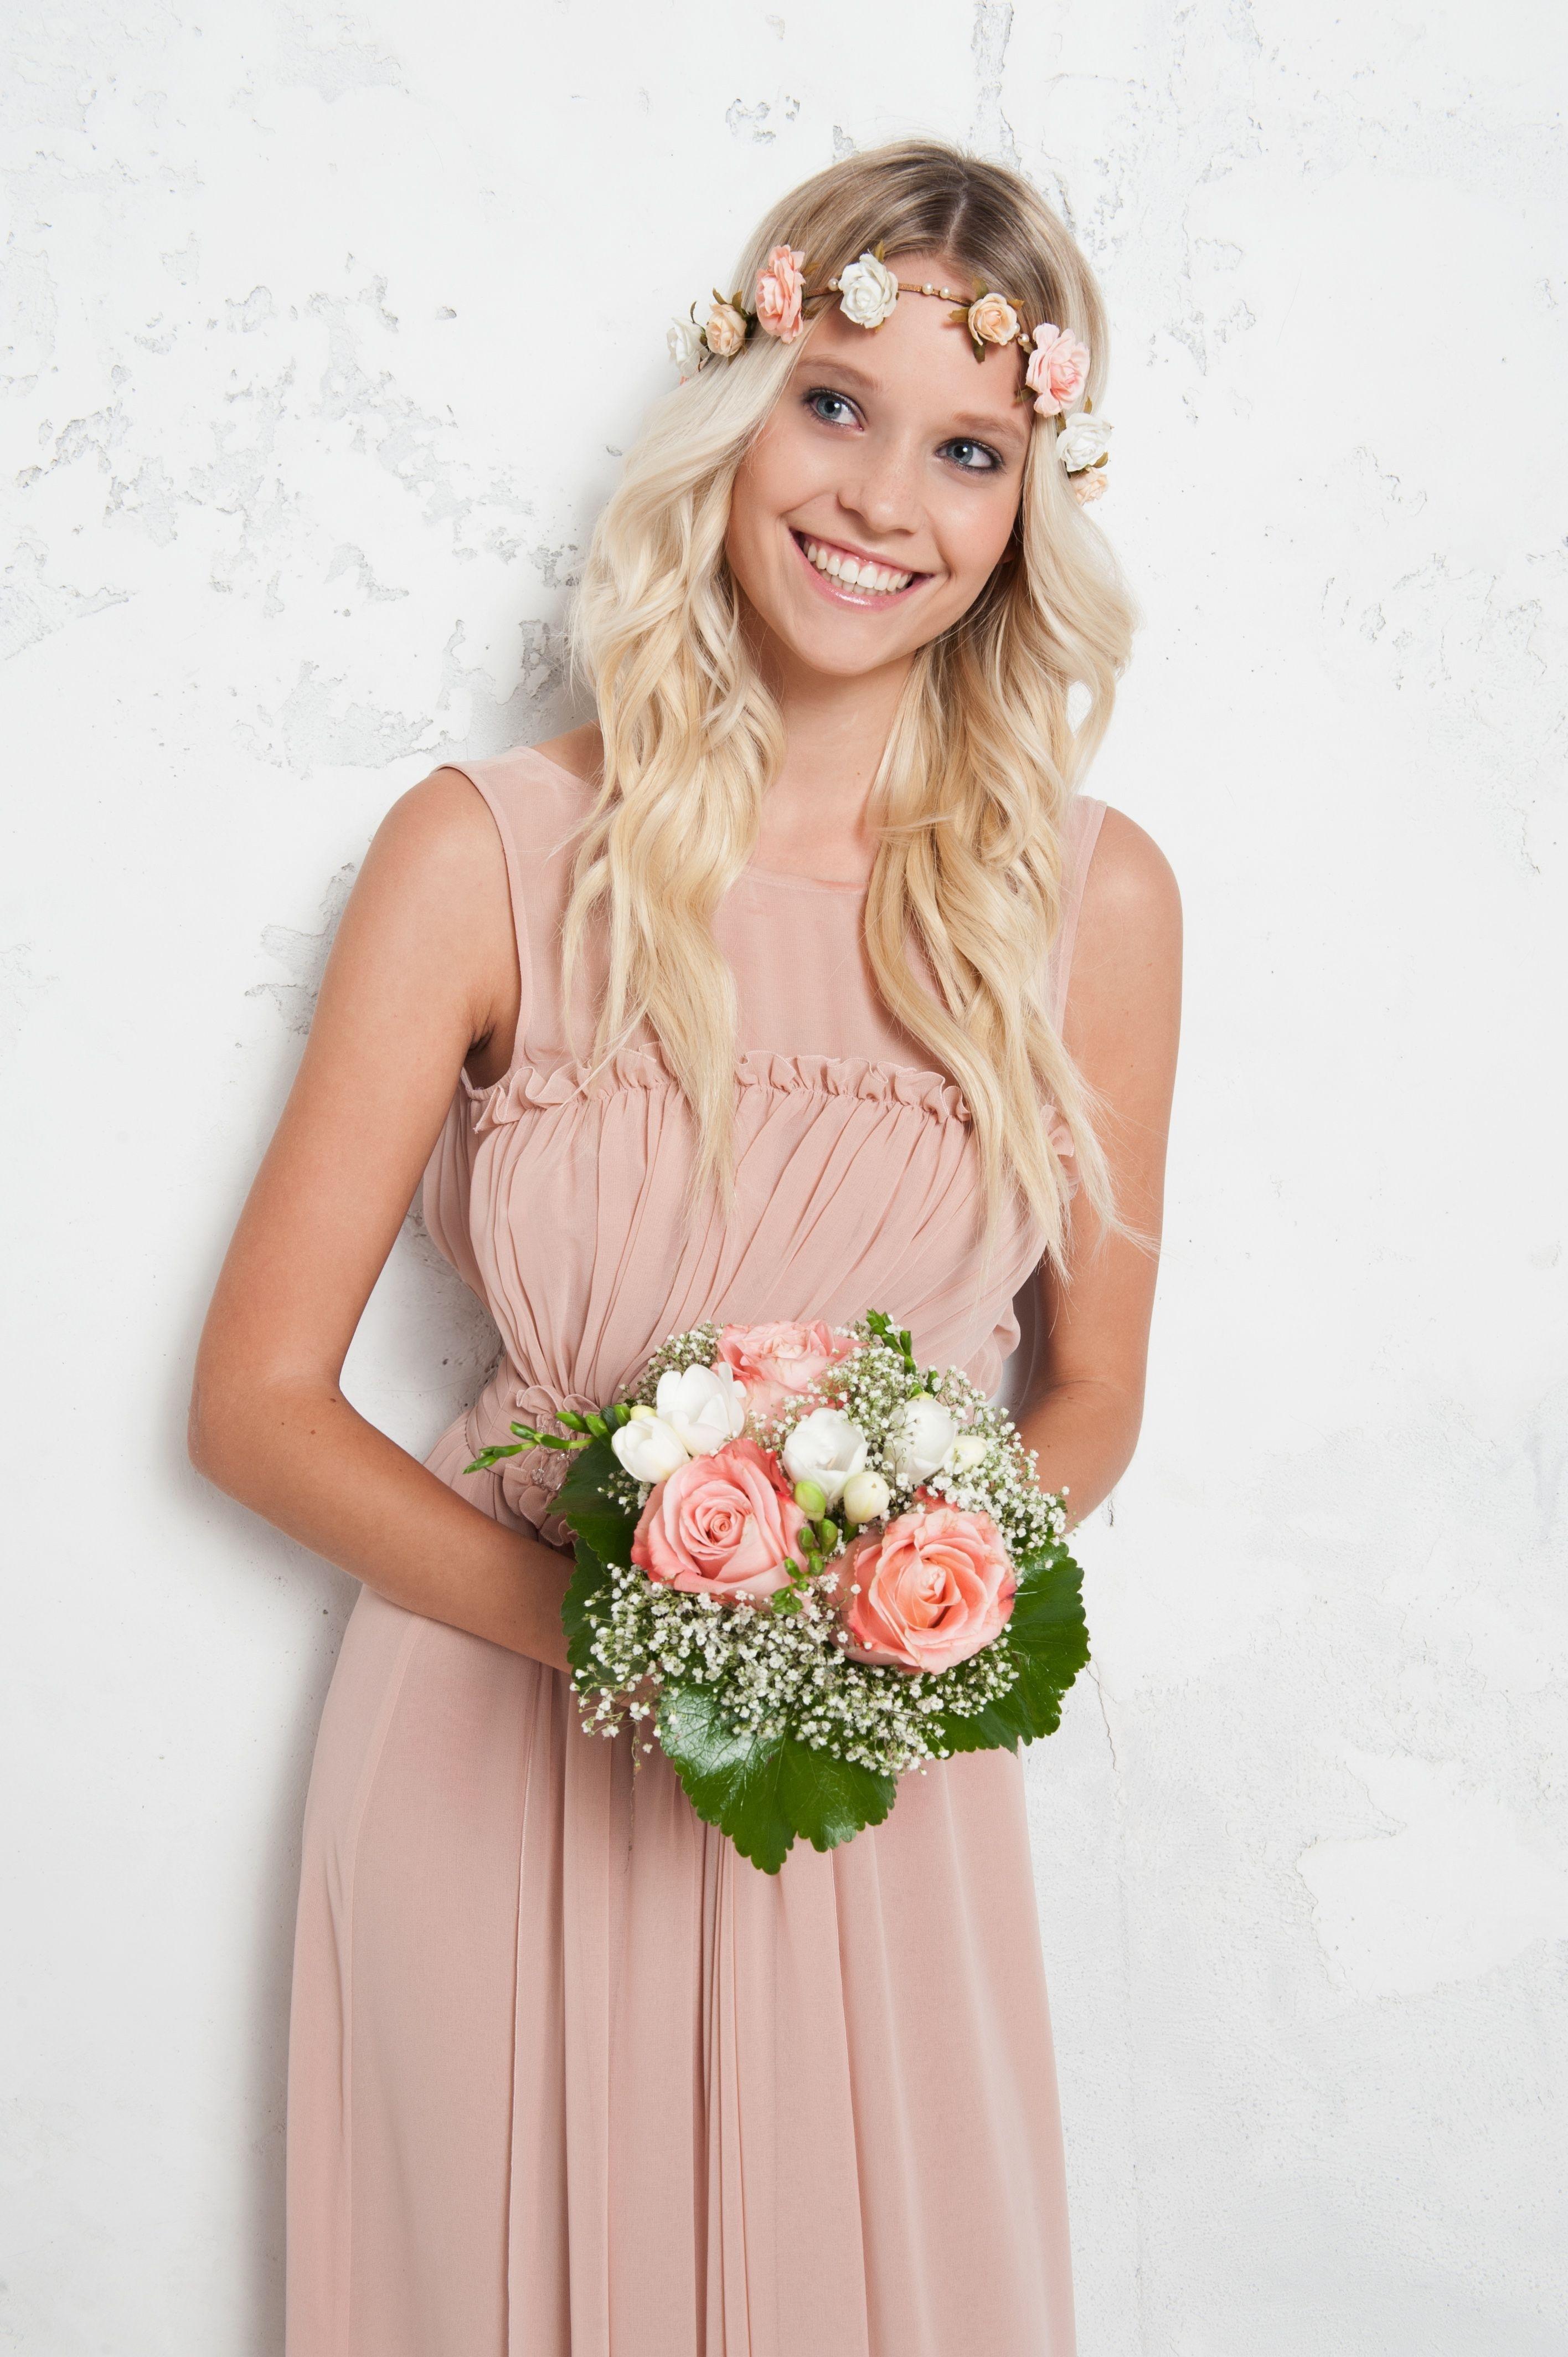 20 Leicht Tolles Kleid Für Hochzeit Design13 Genial Tolles Kleid Für Hochzeit Spezialgebiet